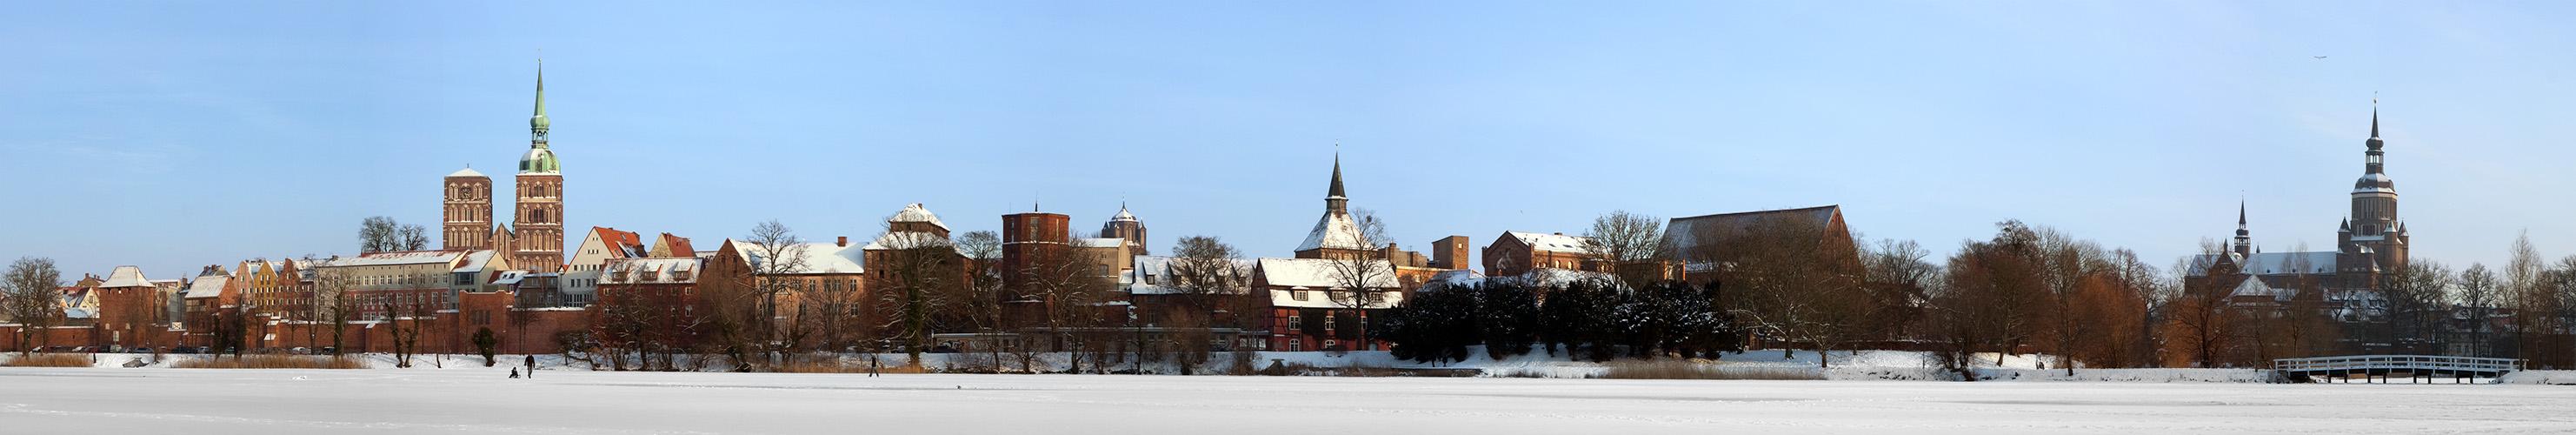 Stralsund-Winterpanorama --zum 2. Mal hochgeladen--